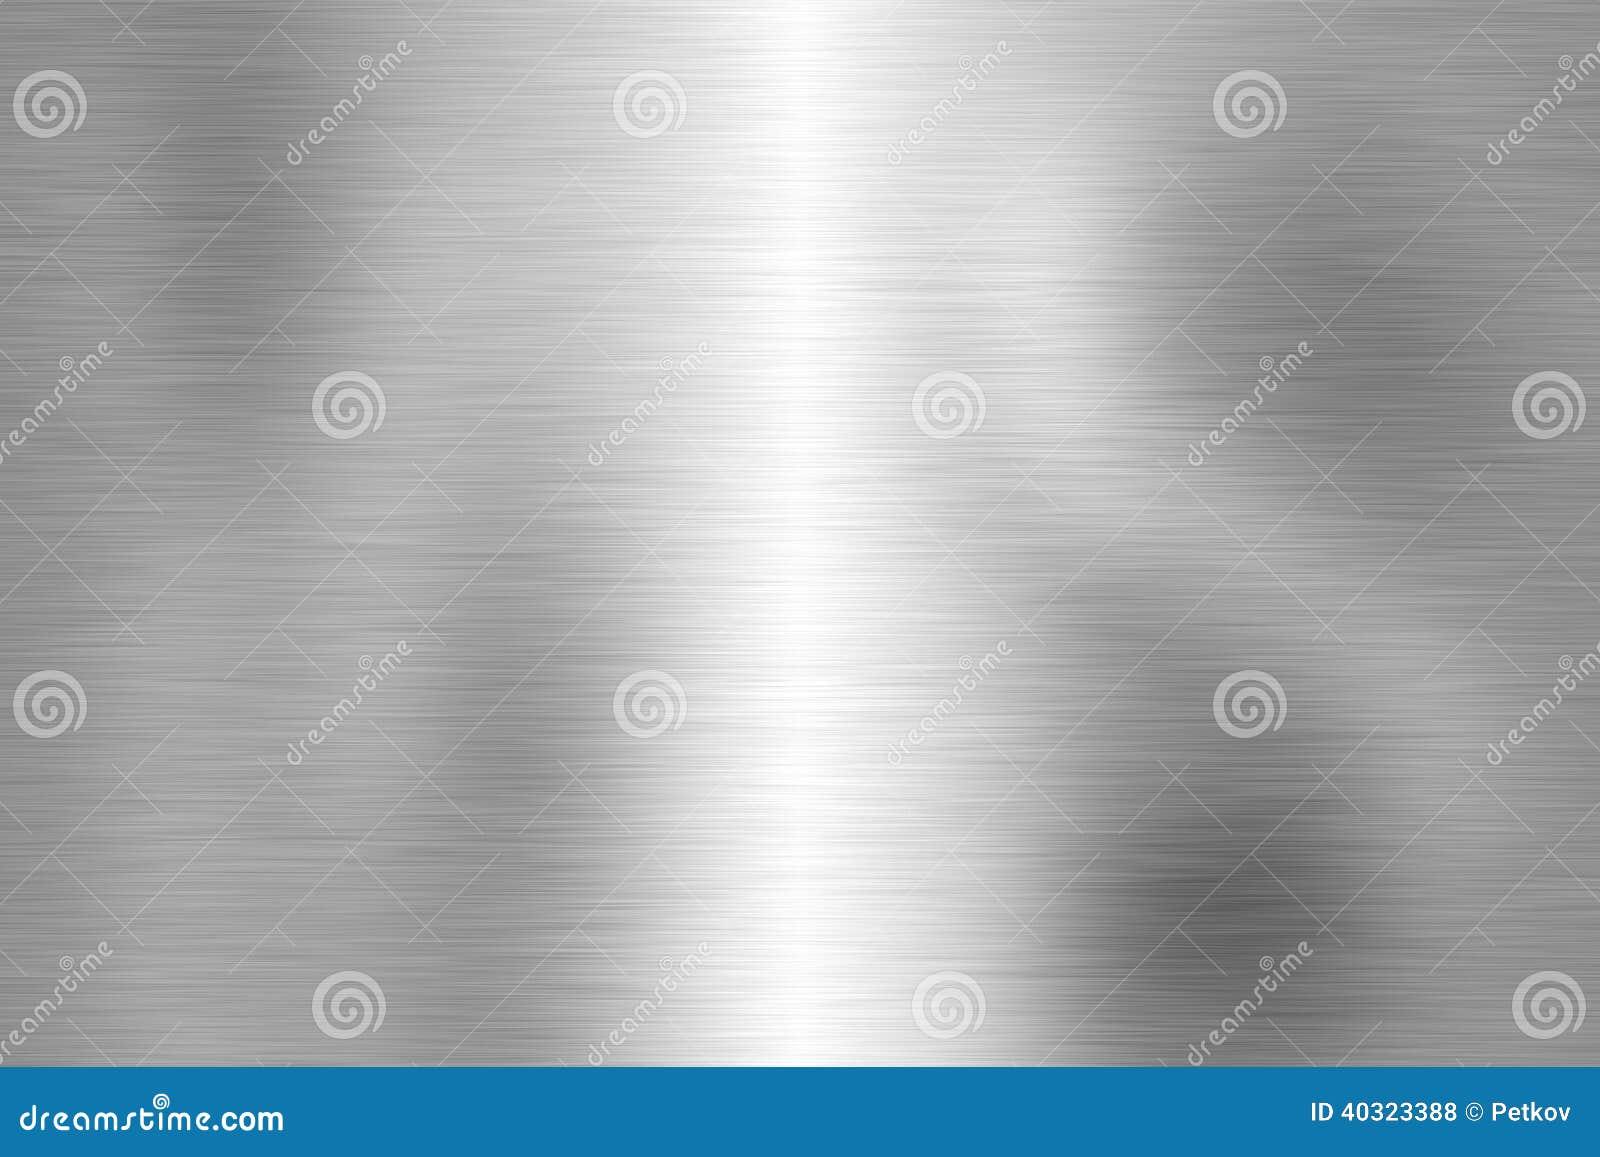 Datilografe o close up escovado da estrutura do metal